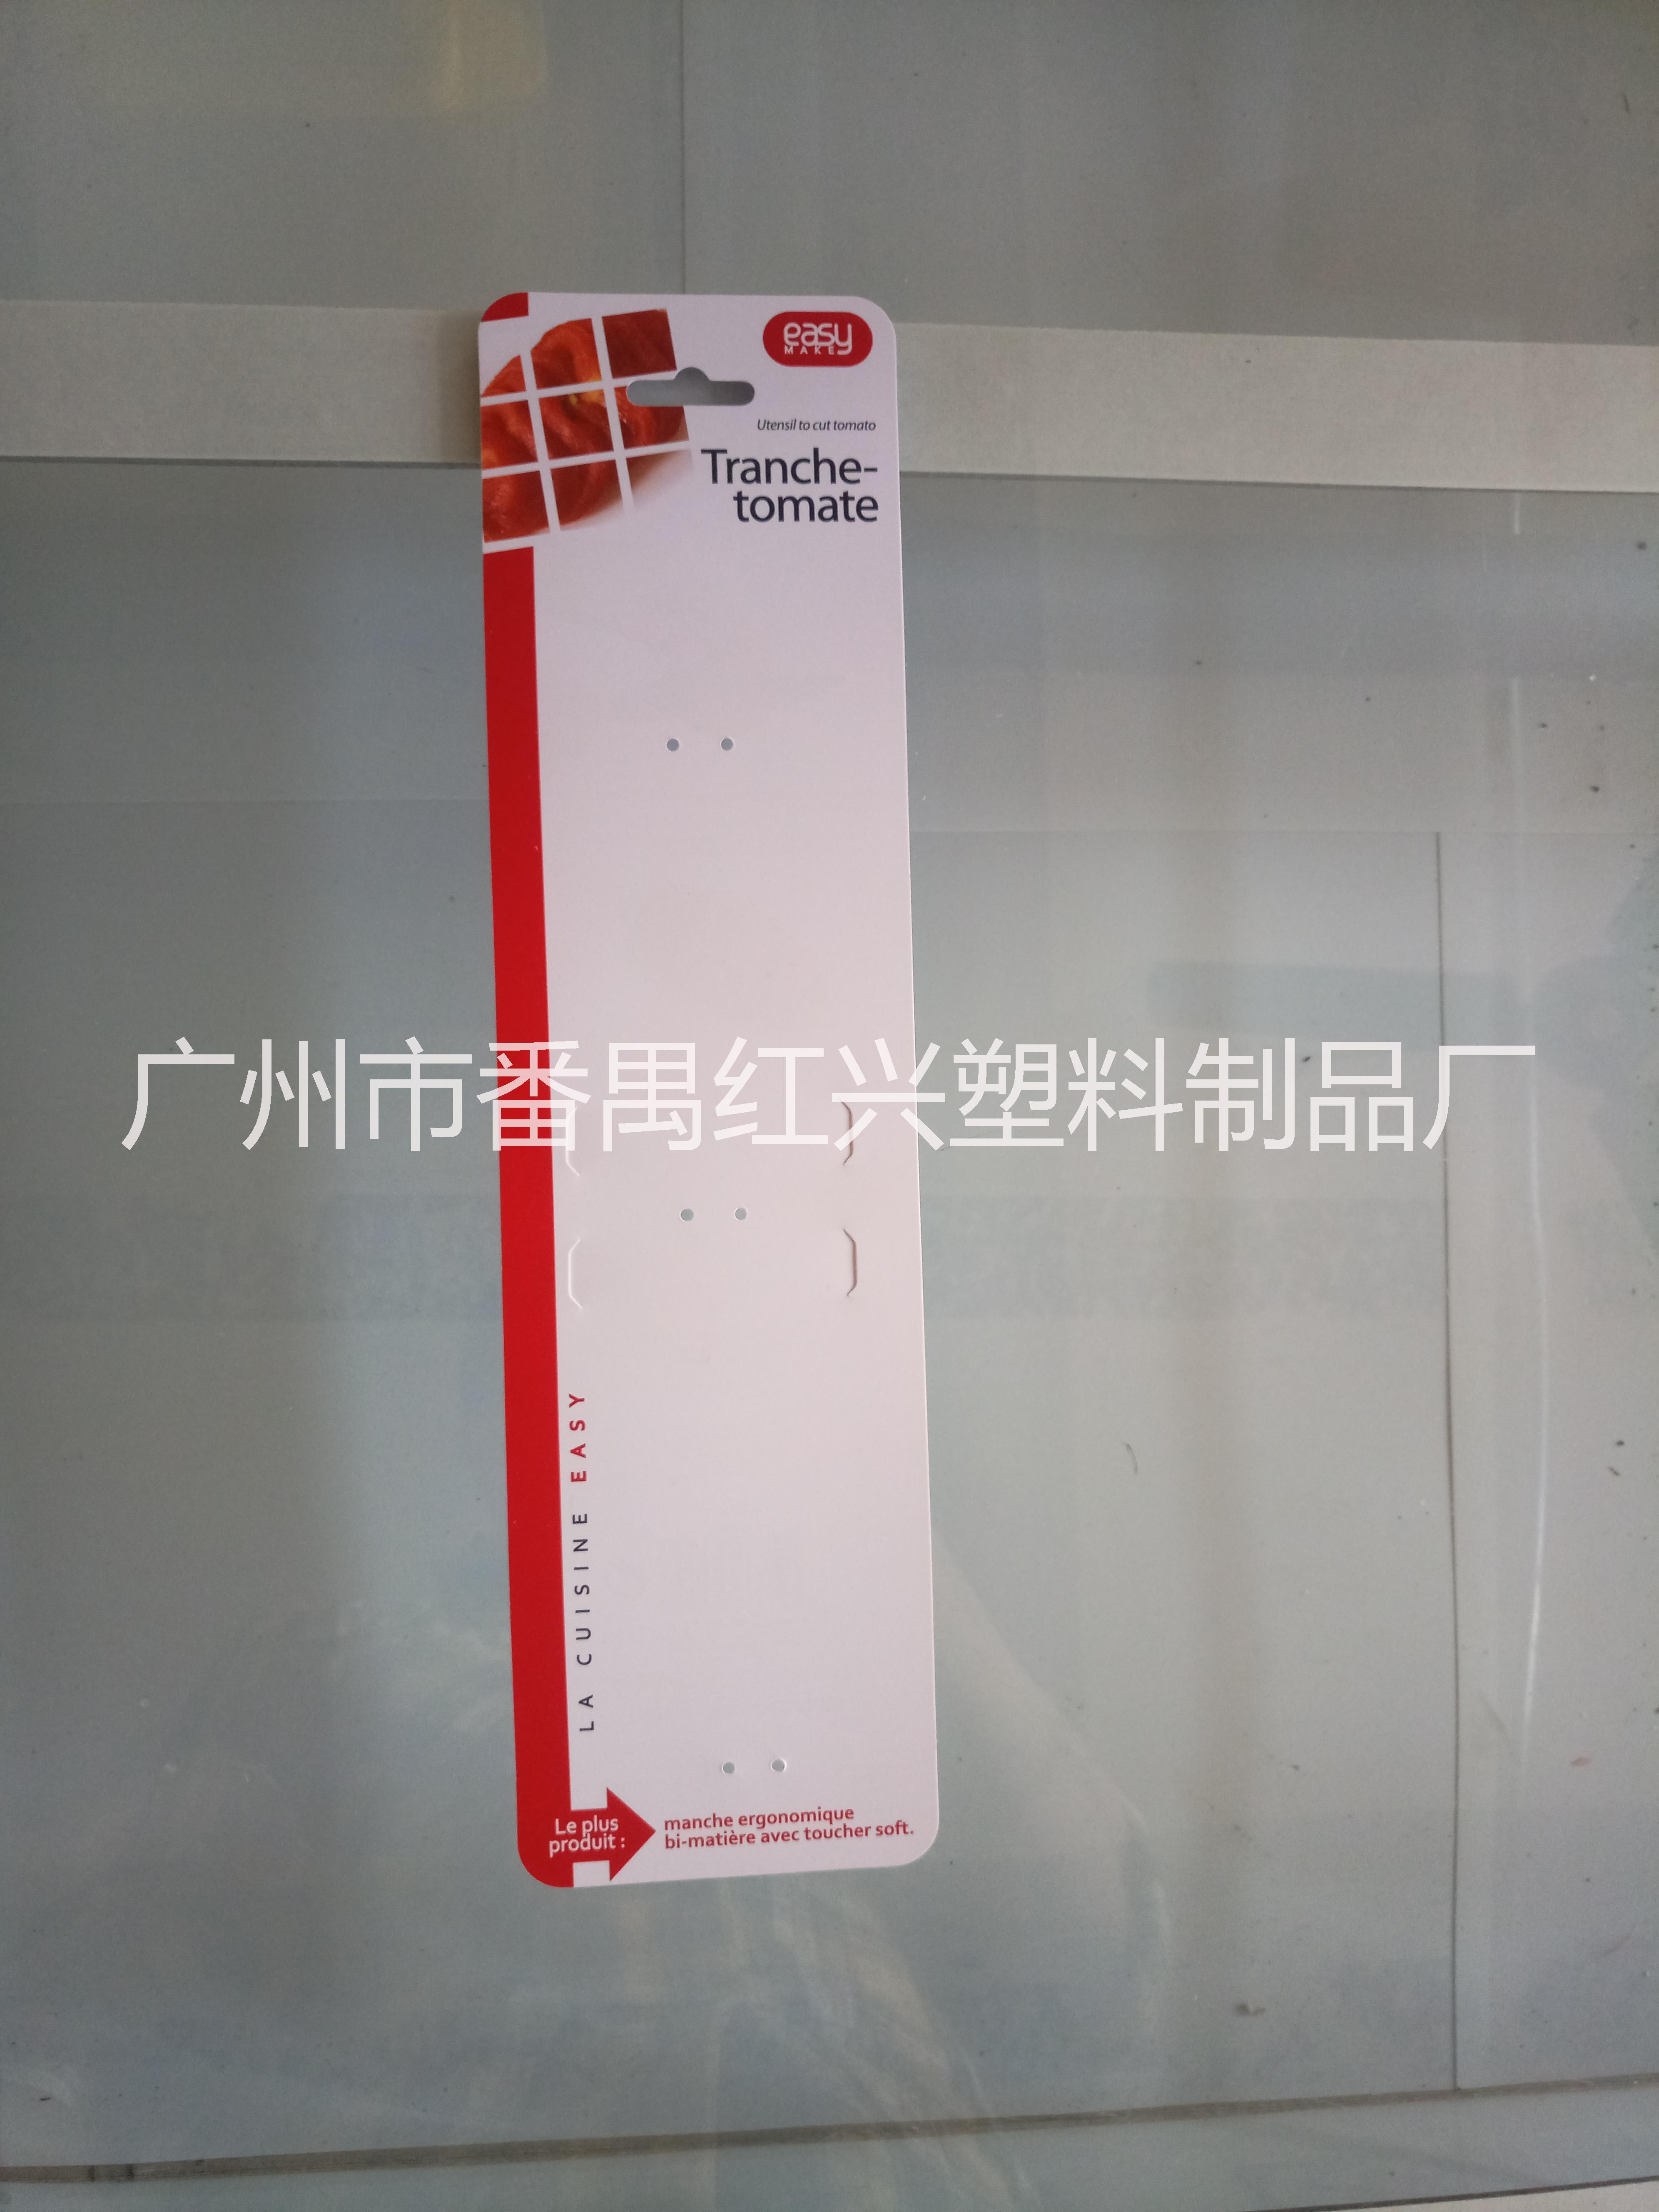 塑料盒; 塑料、塑胶标签; 吊粒